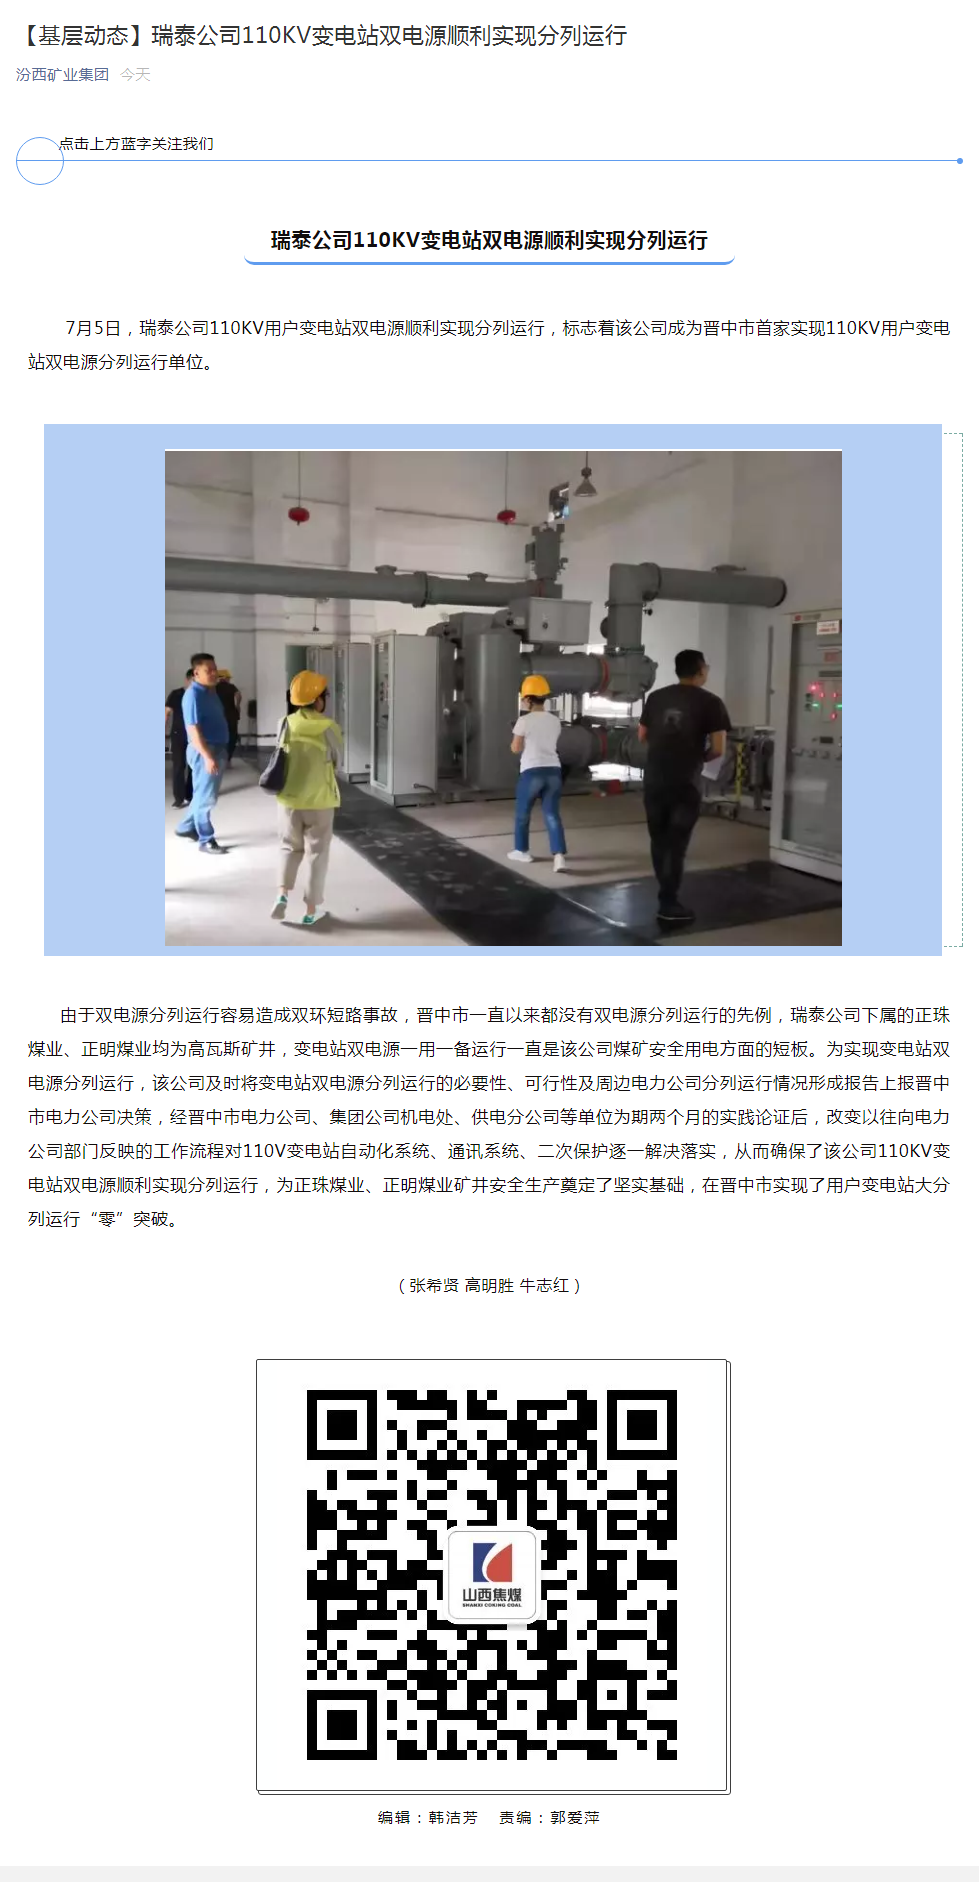 【基層動態】瑞泰公司110KV變電站雙電源順利實現分列運行.png